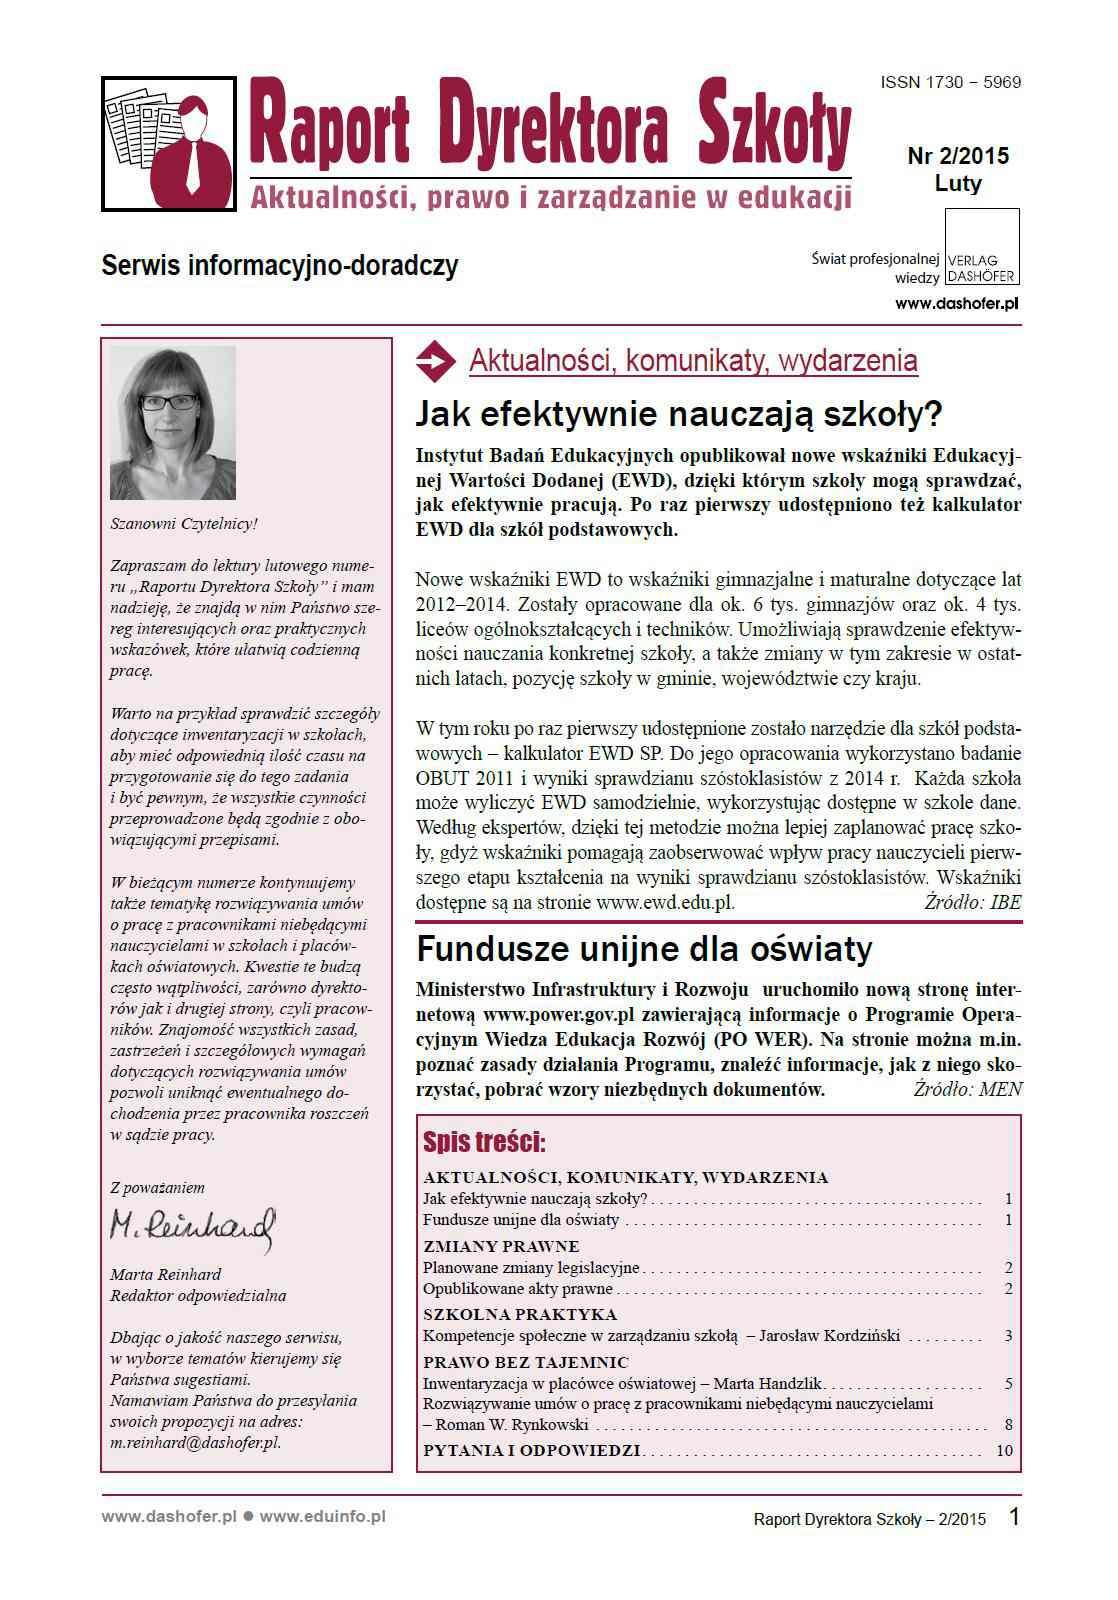 Raport Dyrektora Szkoły. Aktualności, prawo i zarządzanie w edukacji. Nr 2/2015 - Ebook (Książka PDF) do pobrania w formacie PDF